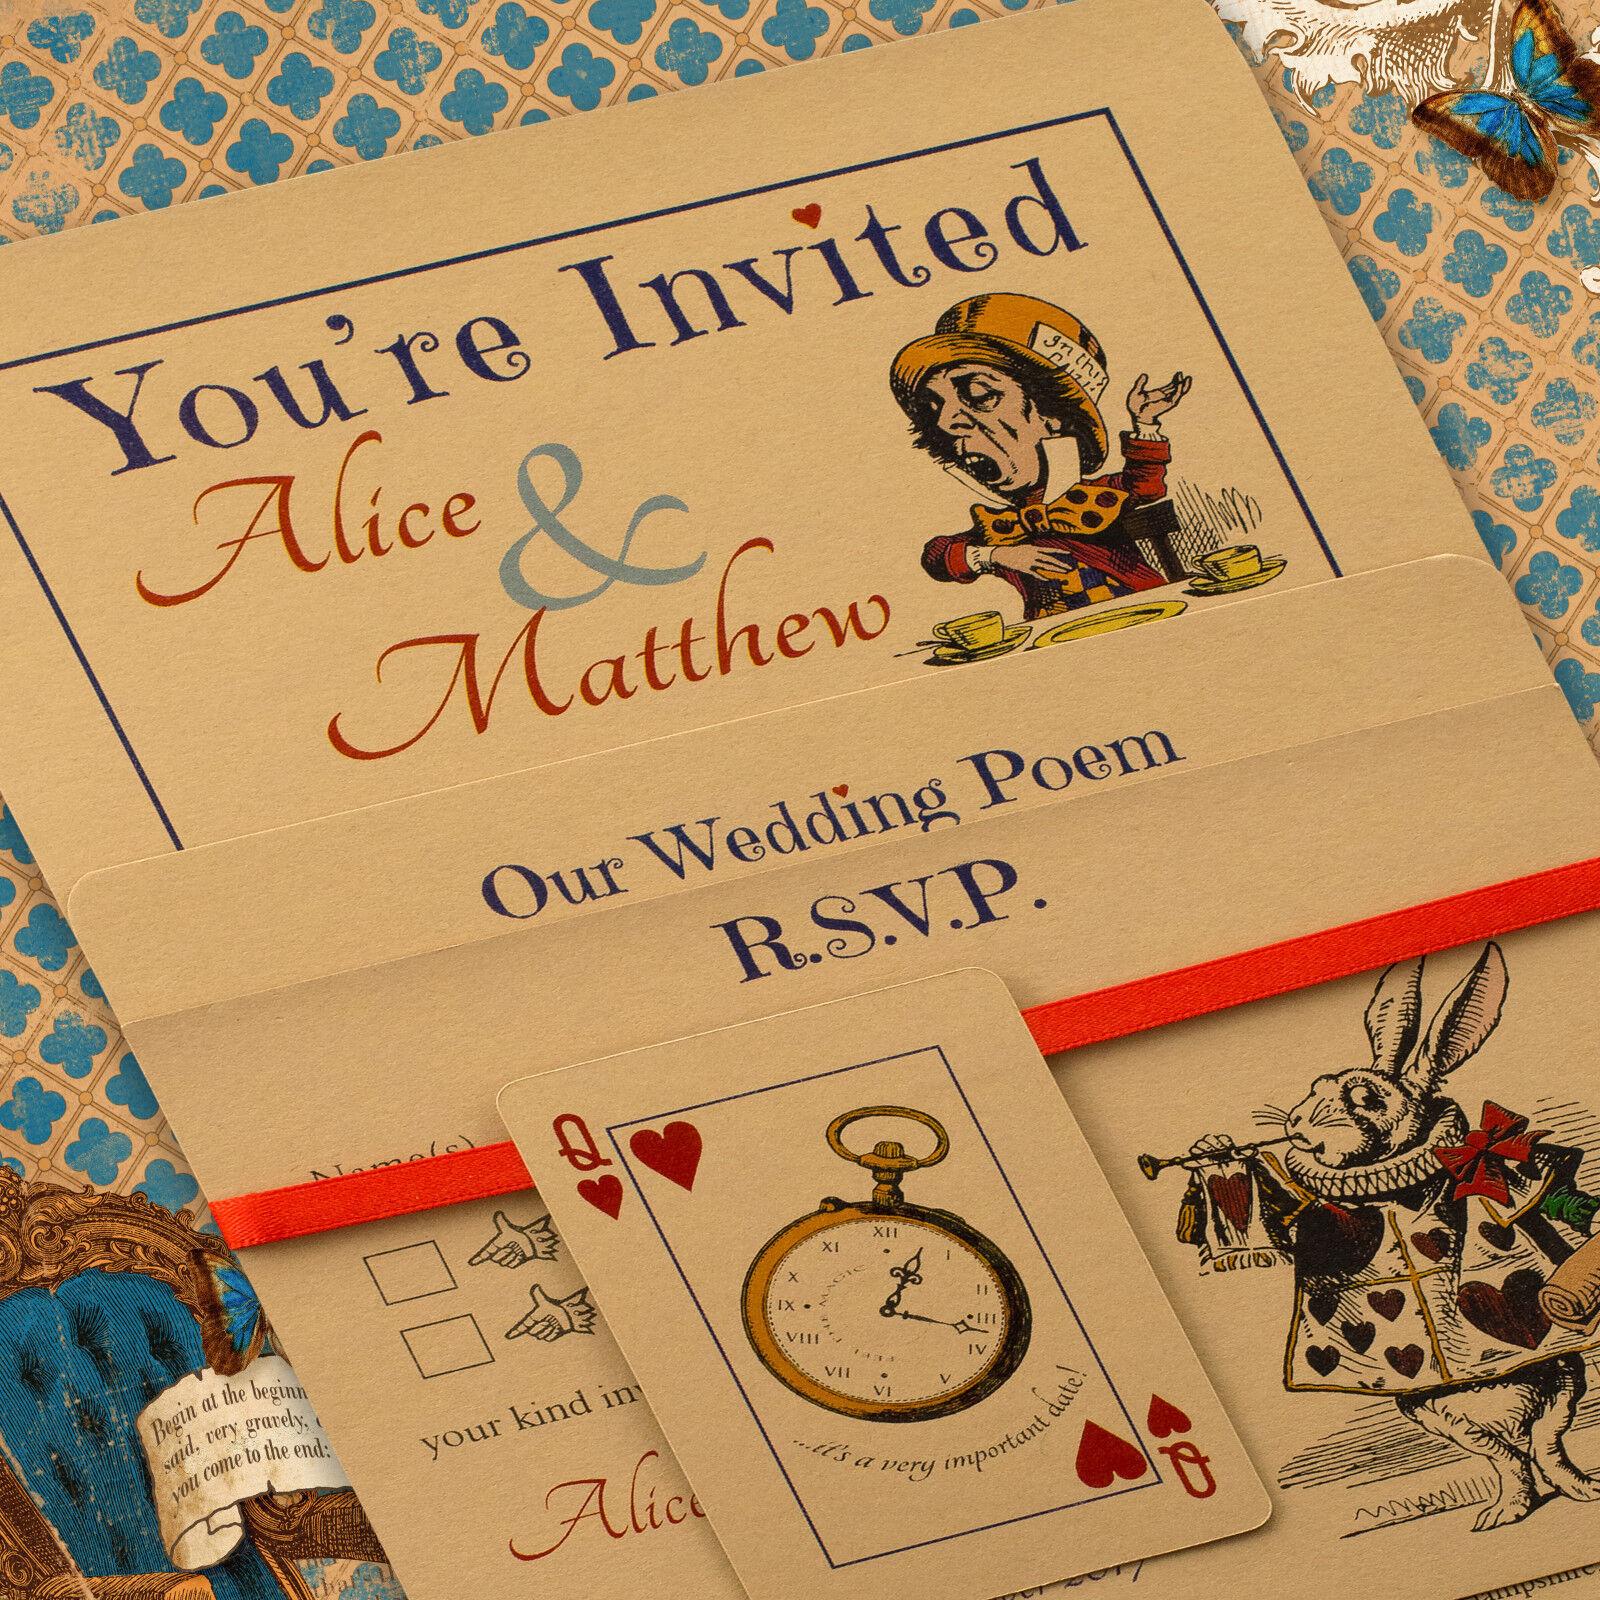 VINTAGE personalizzato Alice nel paese delle meraviglie inviti inviti inviti di nozze, Inc BUSTE Buff d45731